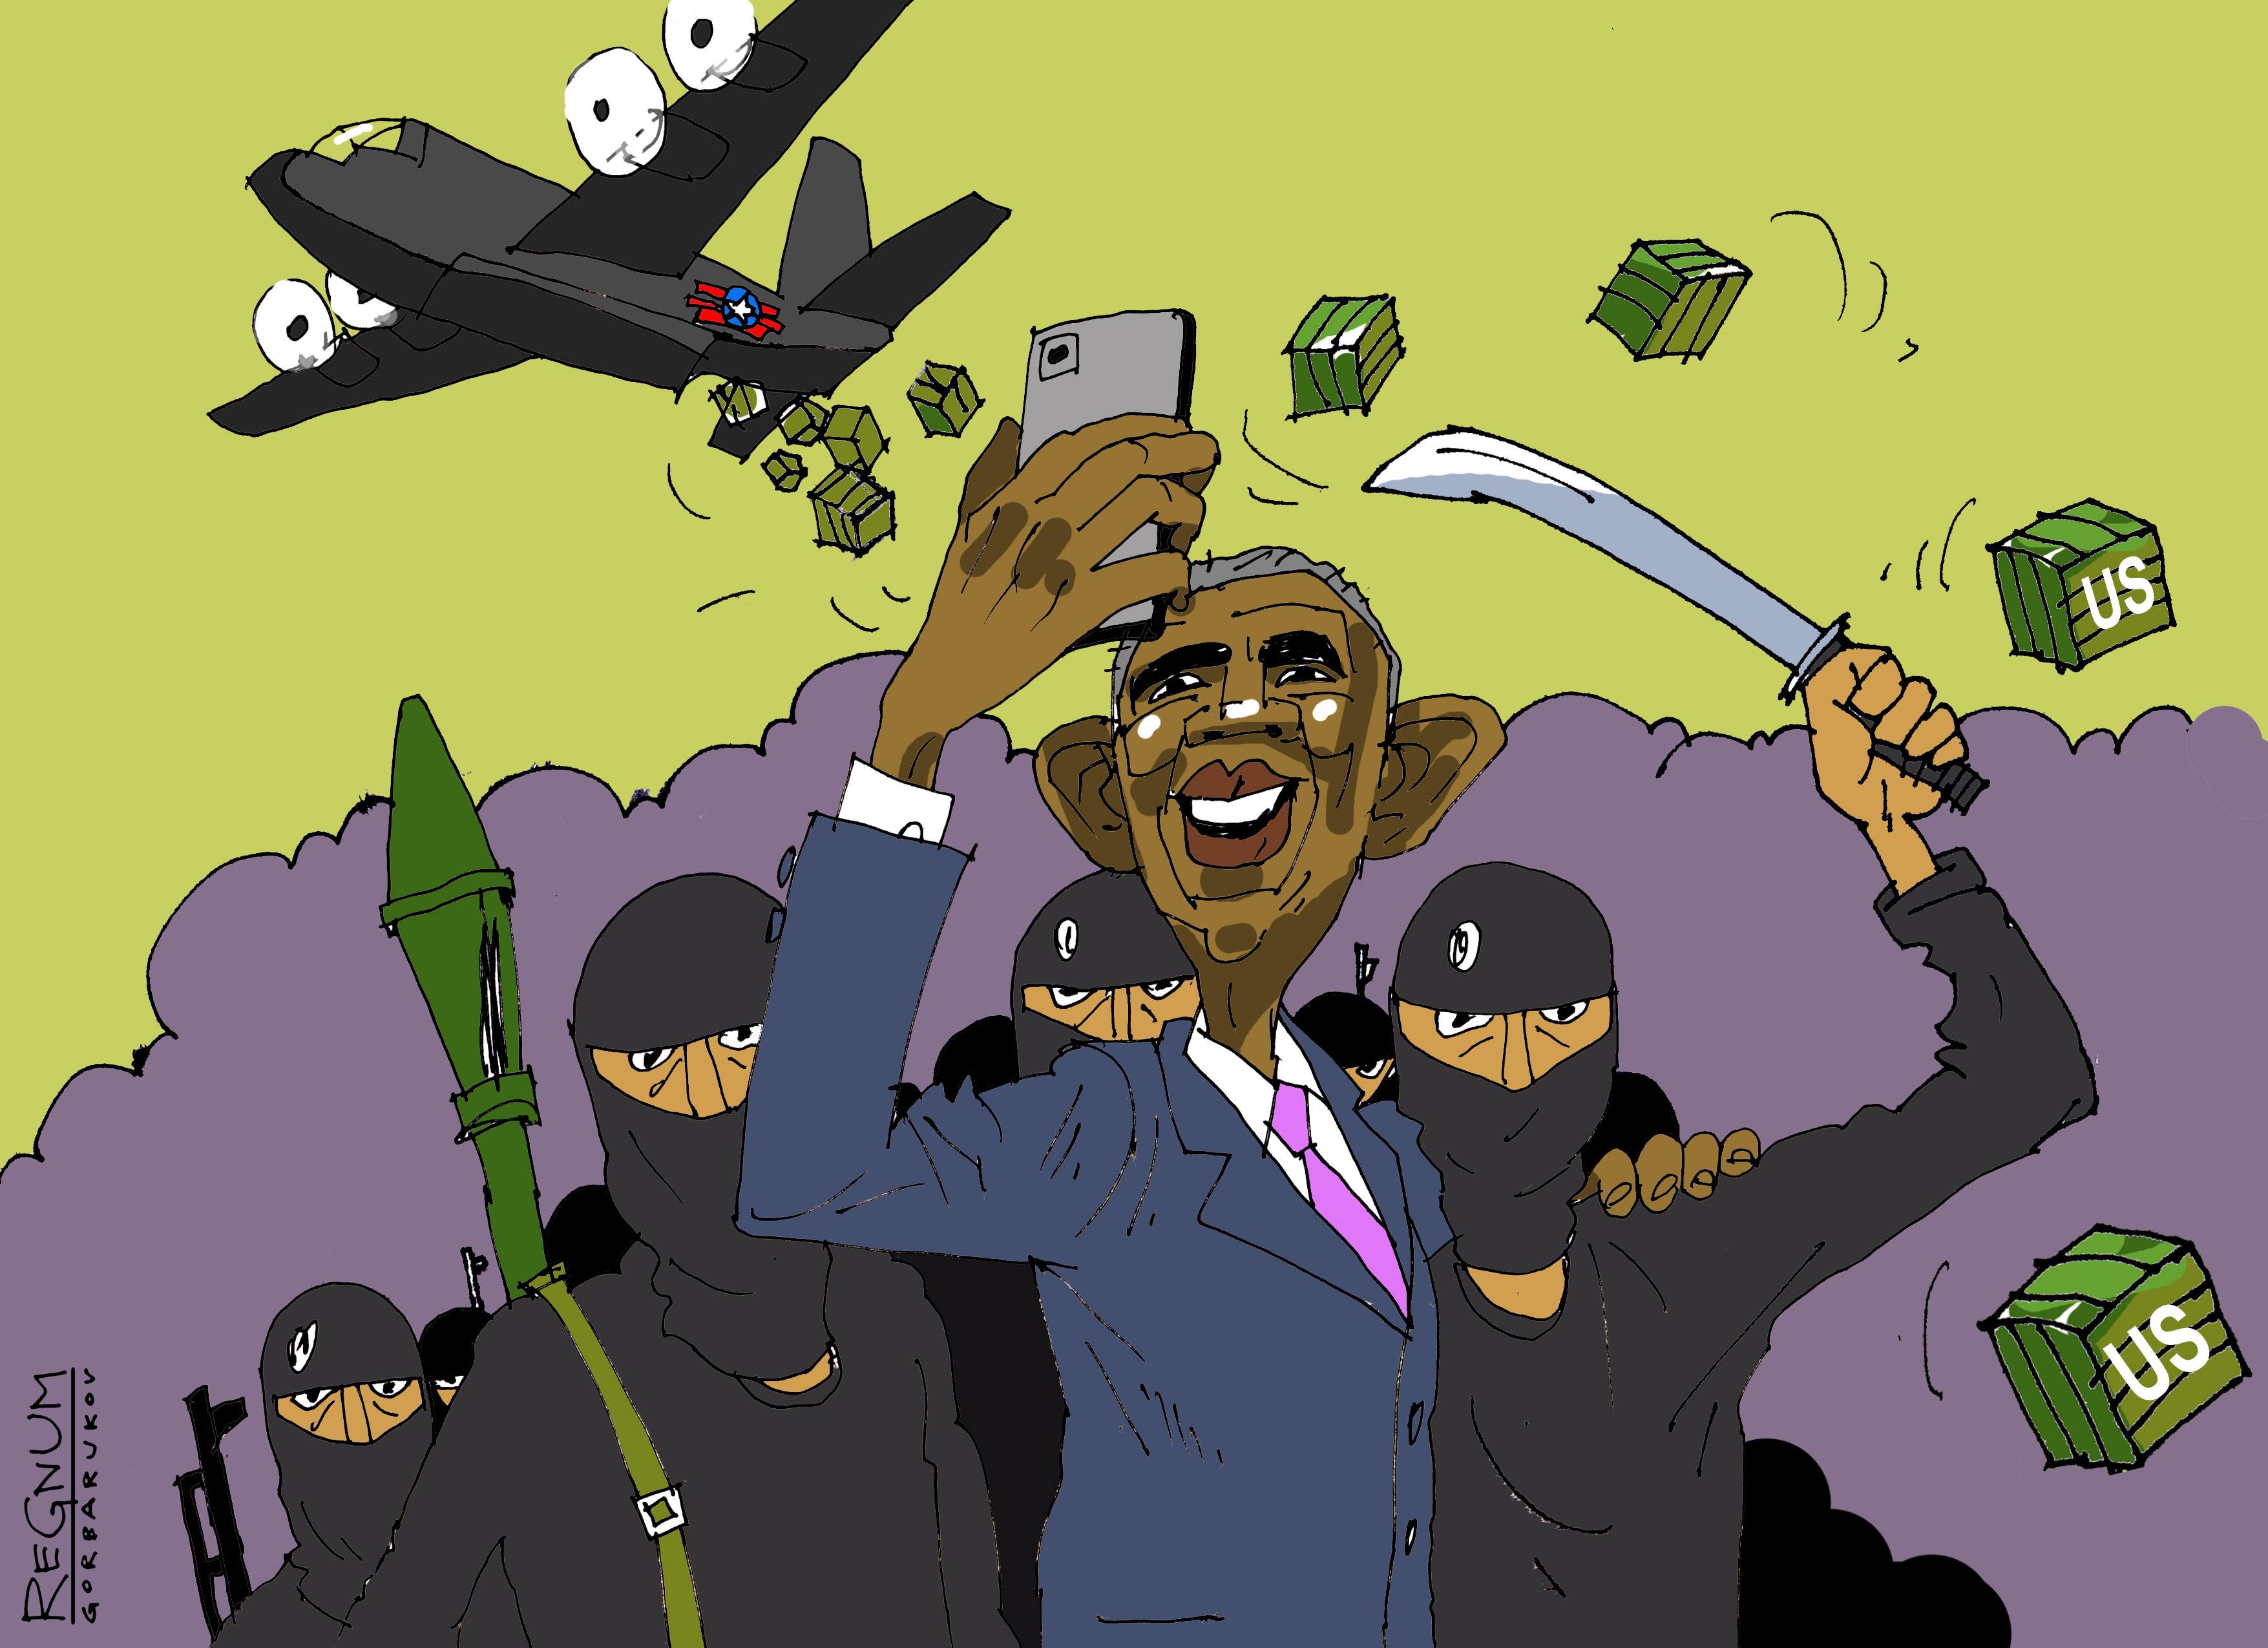 Сергей Кургинян: ИГИЛ расправляется с исламом. Что же молчит исламский мир?